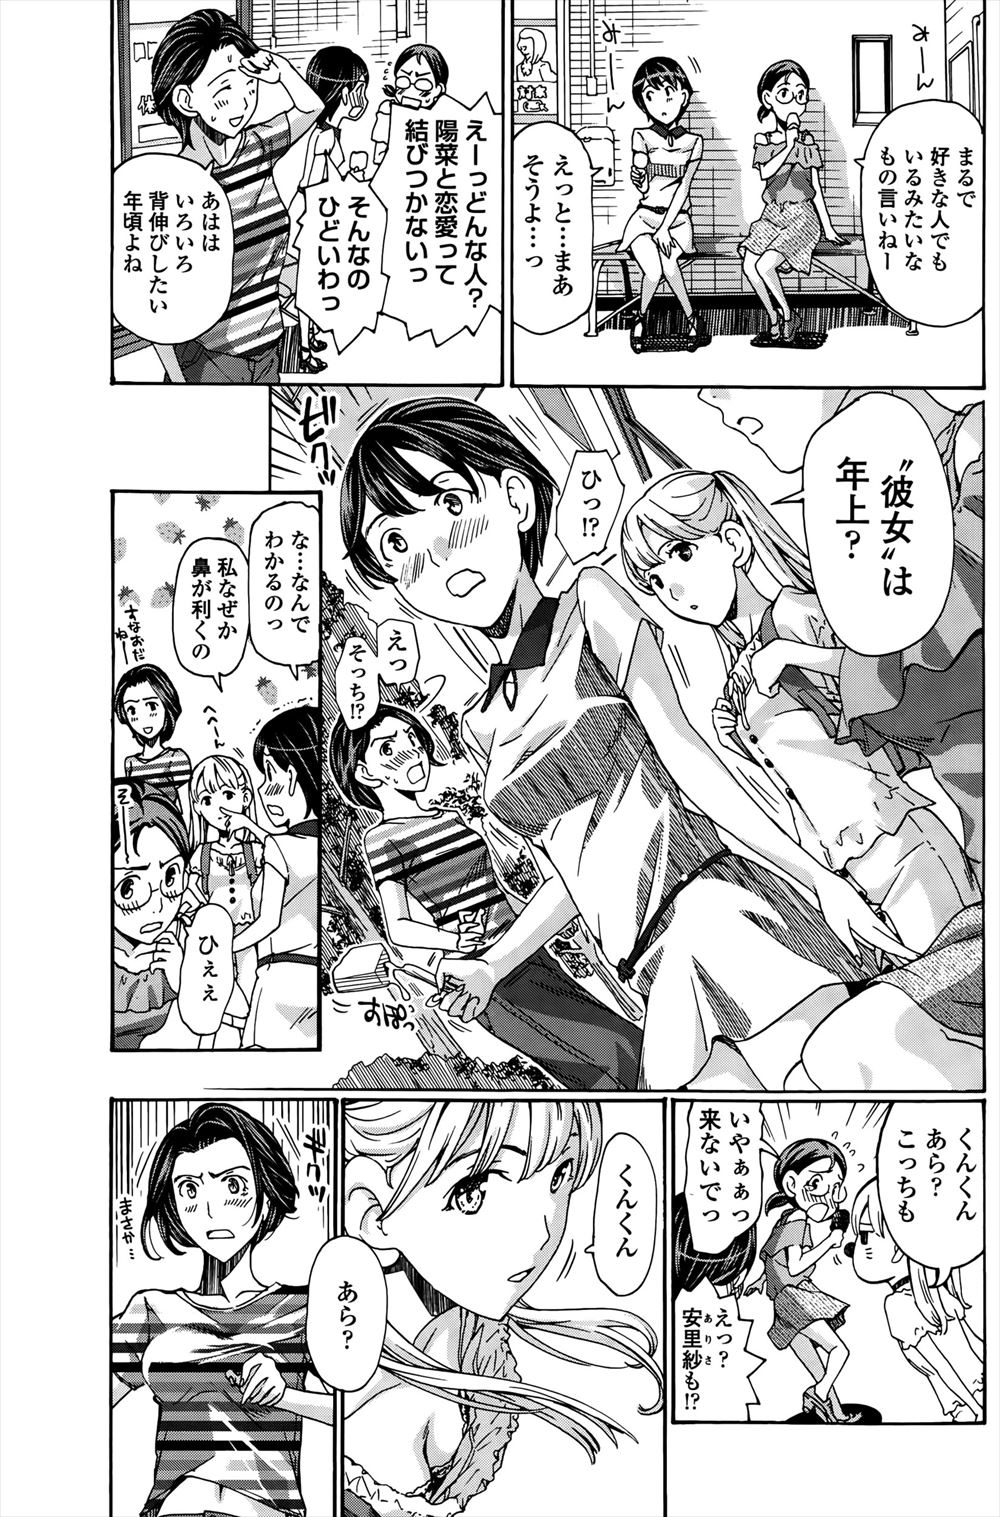 【エロ漫画・エロ同人誌】年上の巨乳彼女と付き合ってるちっぱい少女が青姦レズセックスしてるンゴwww (5)